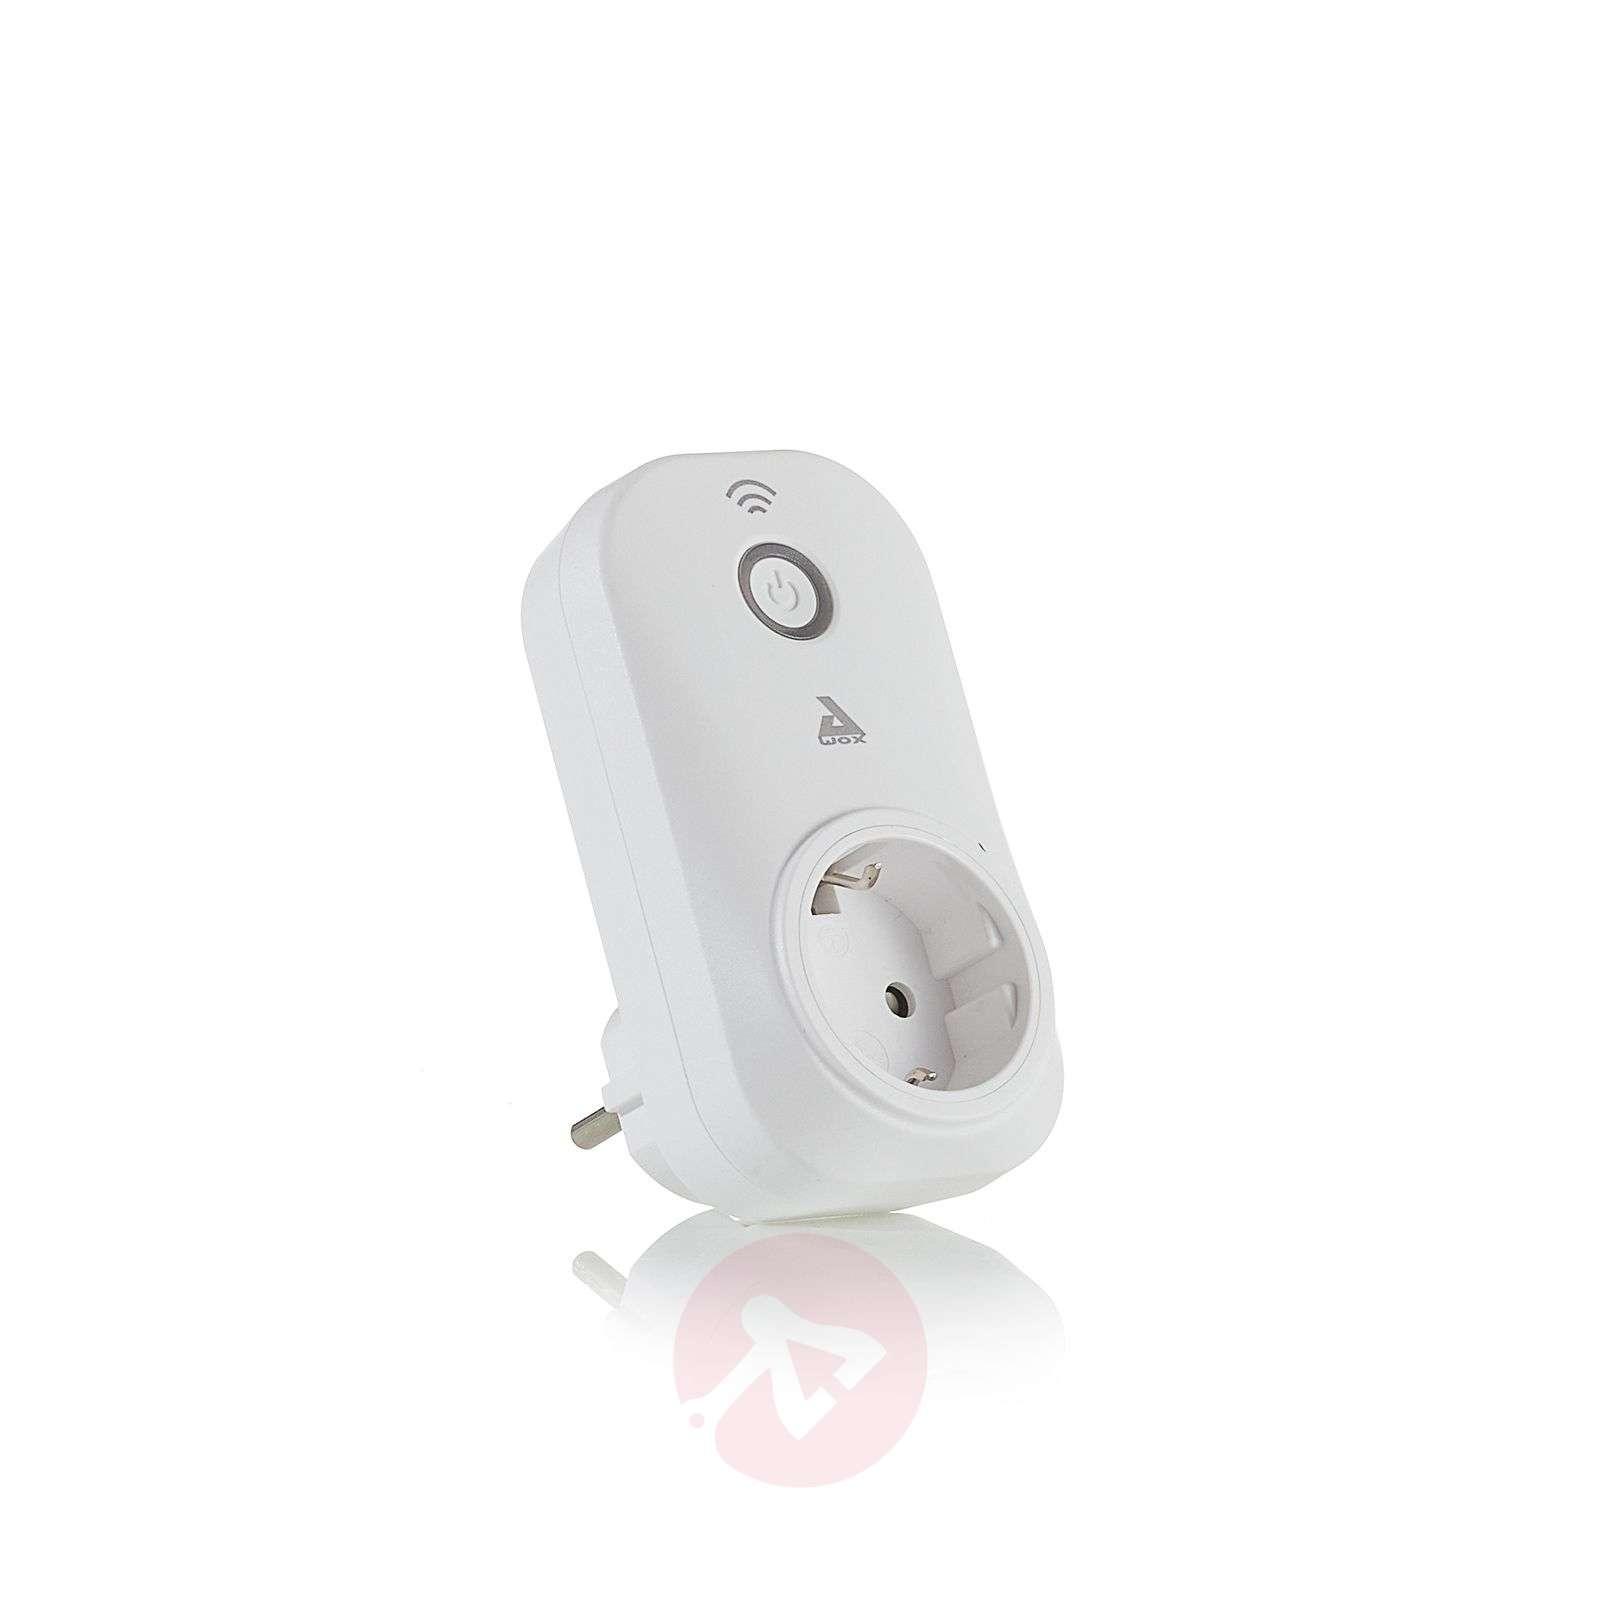 prise connectée Awox Plug Plus